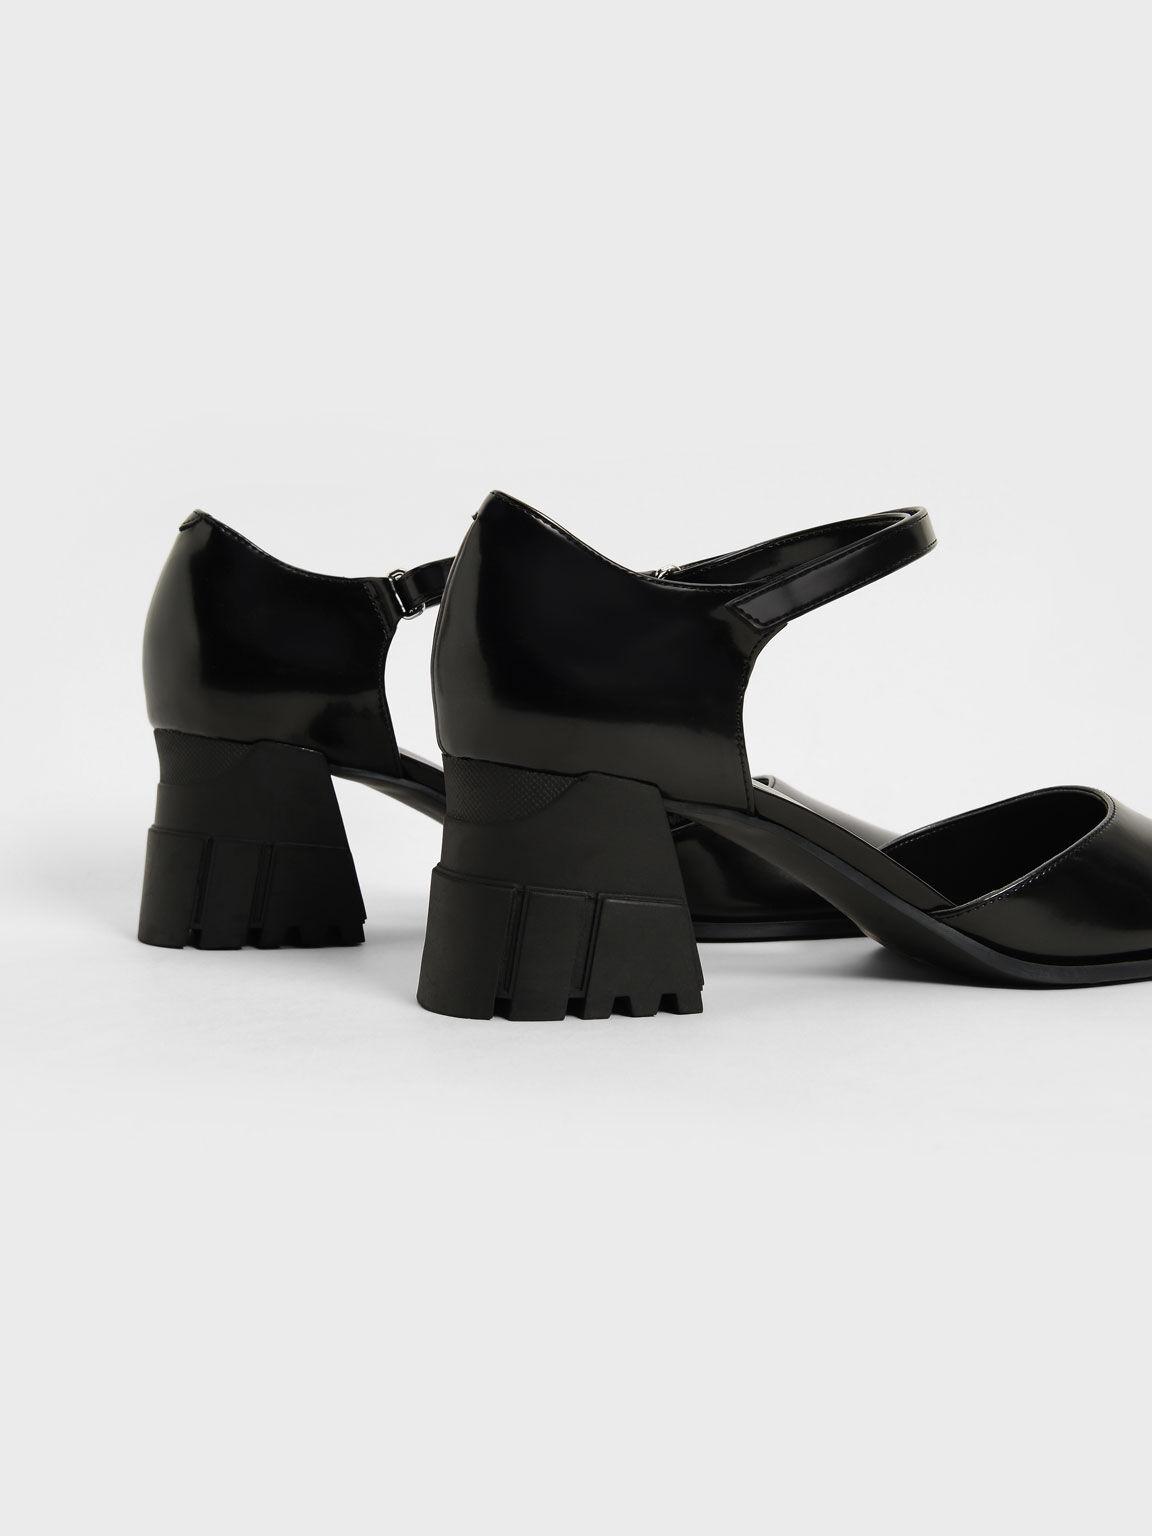 Square Toe D'Orsay Pumps, Black, hi-res